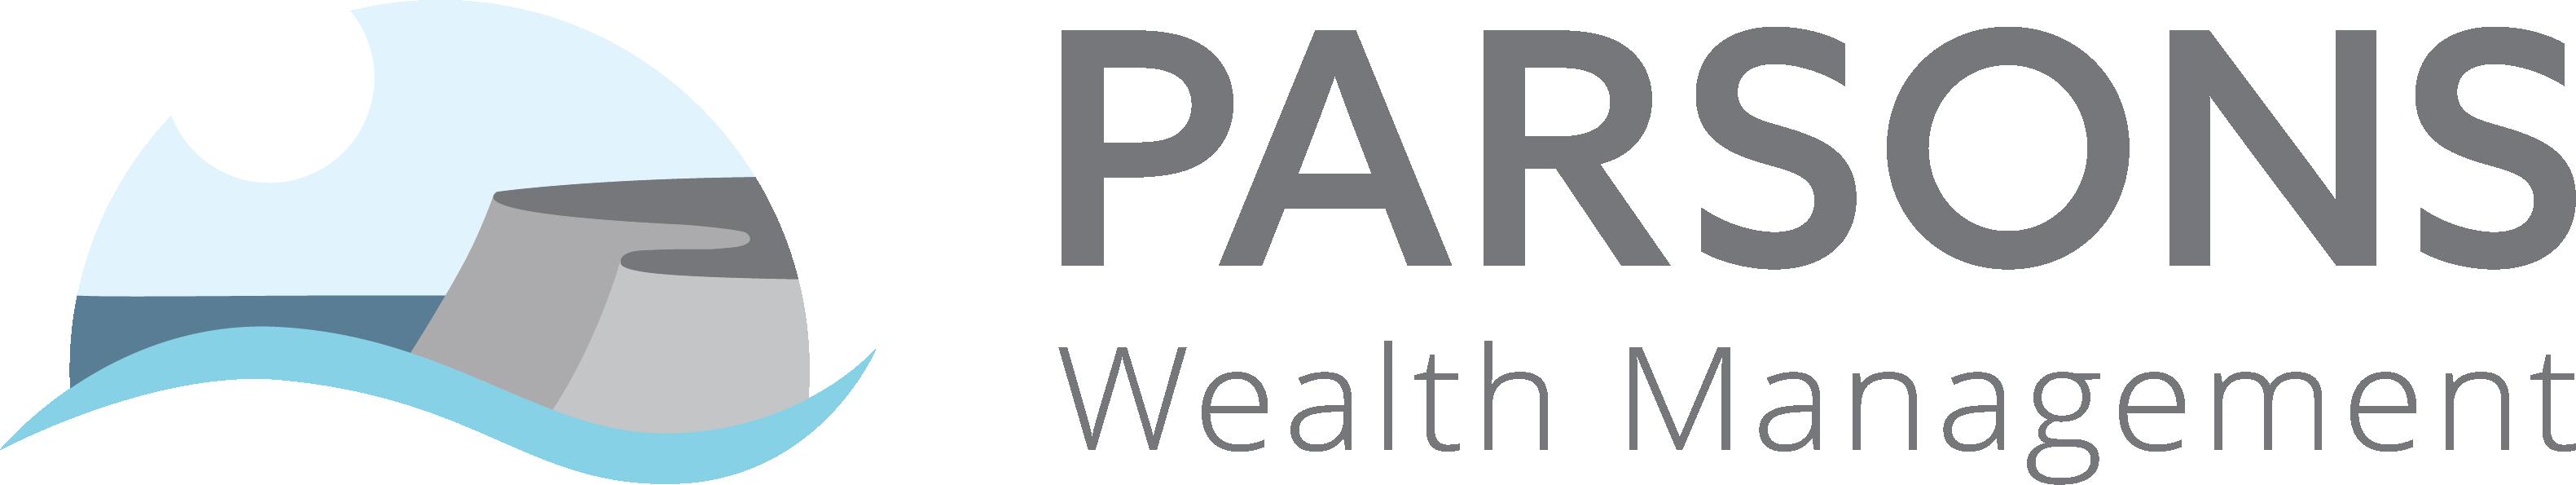 Parsons Wealth Management